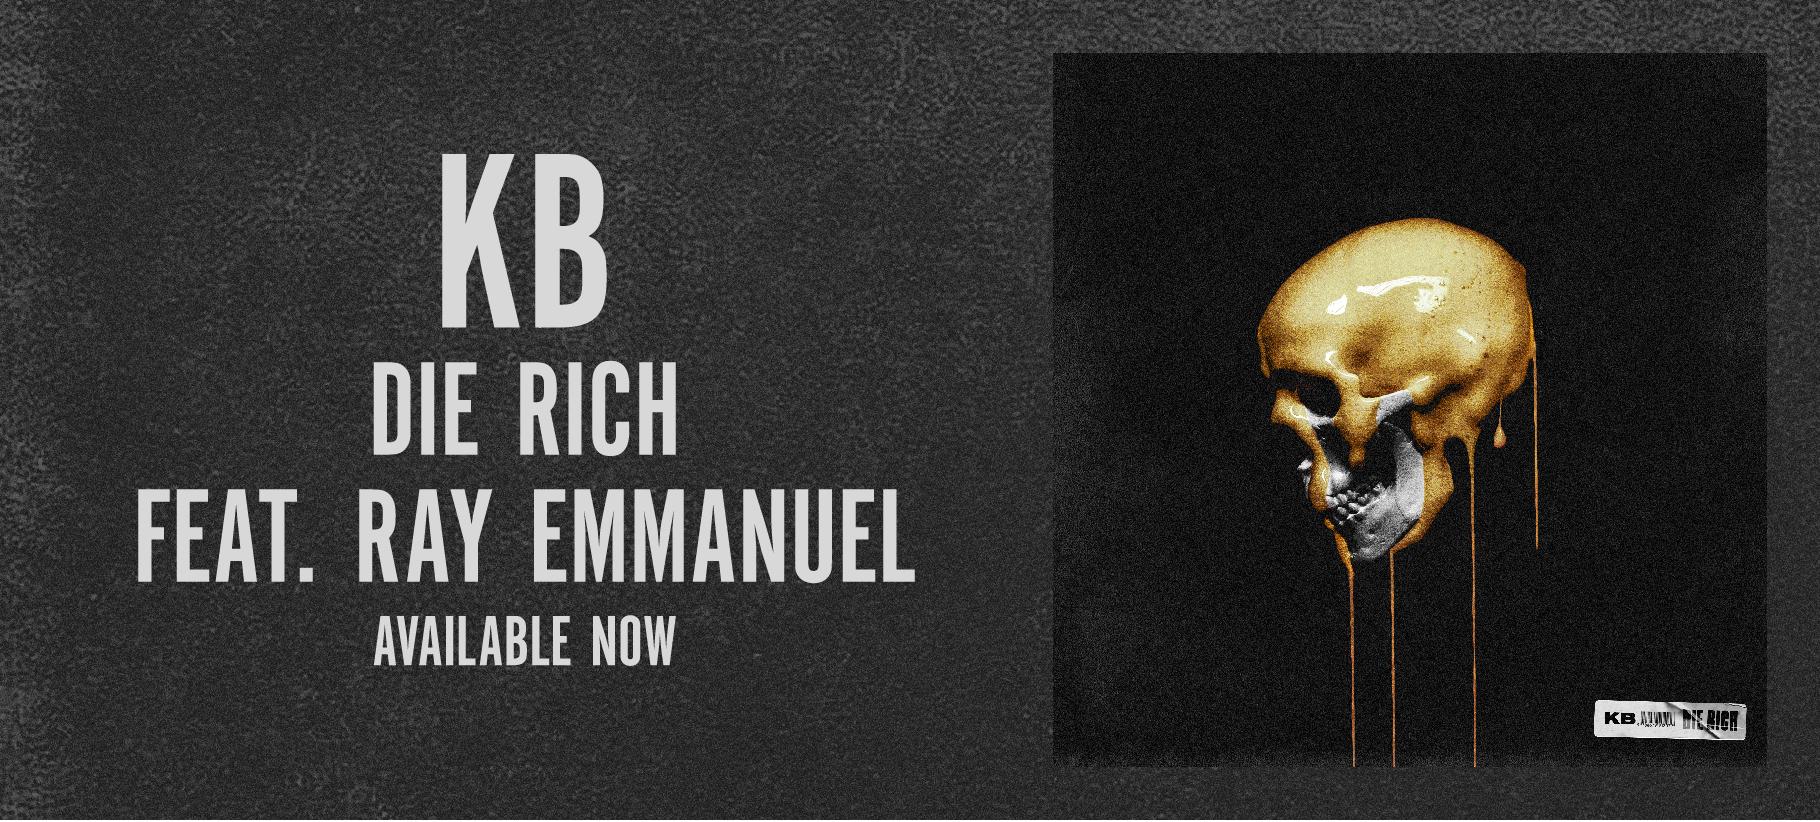 KB x Die Rich